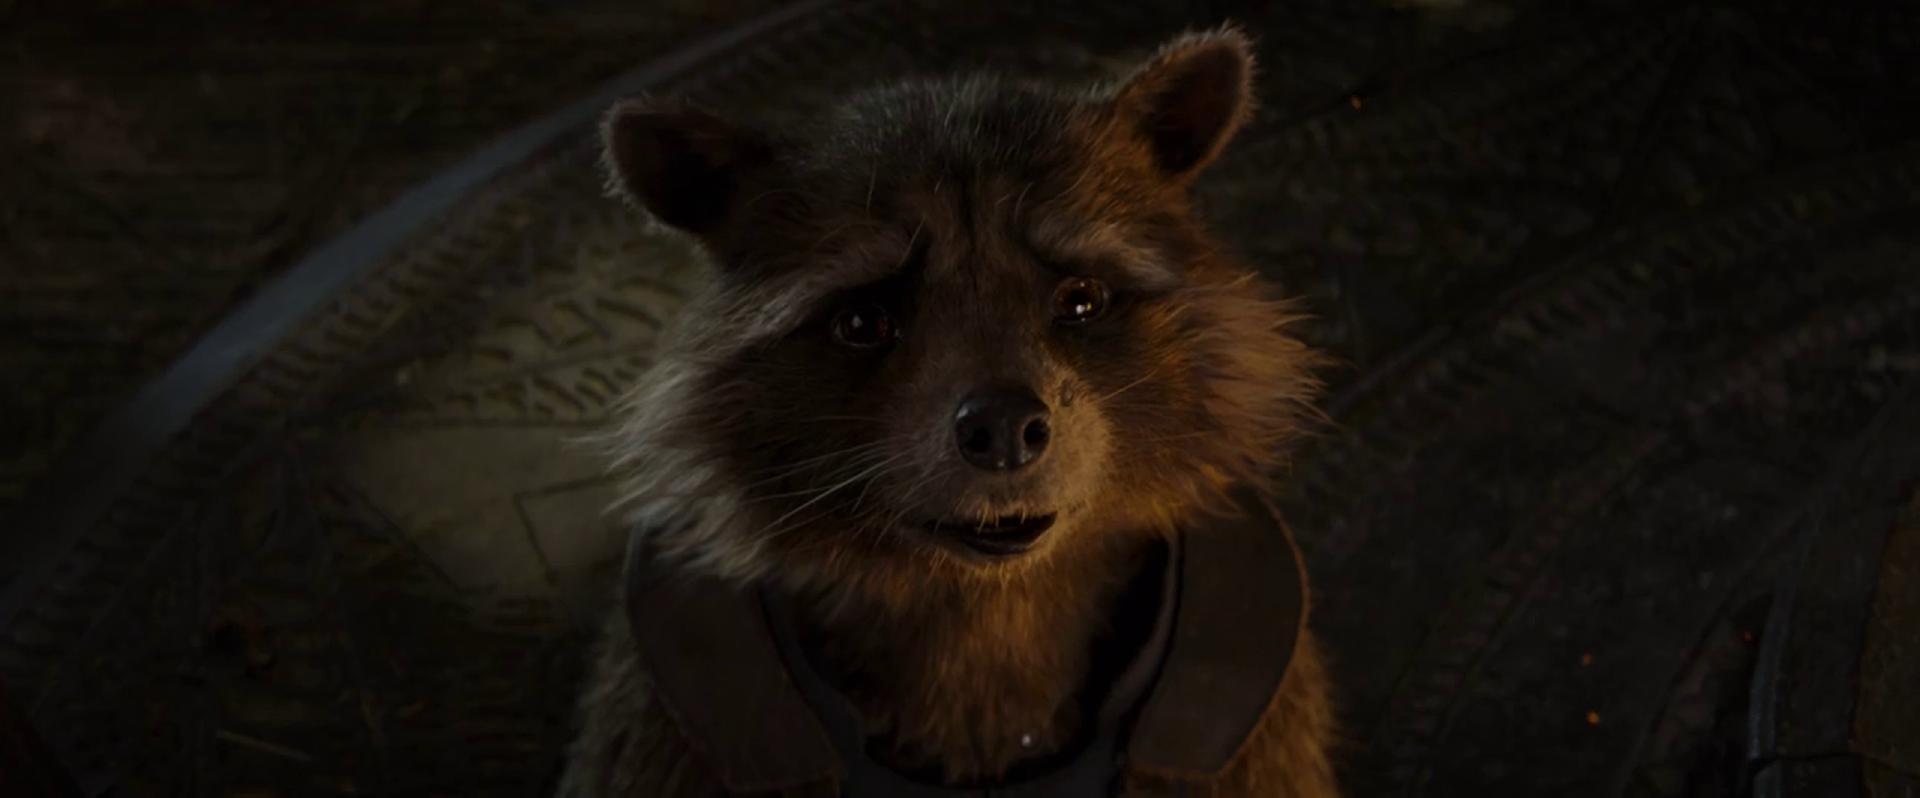 Avengers Endgame Avengers Rocket Raccoon New Avengers